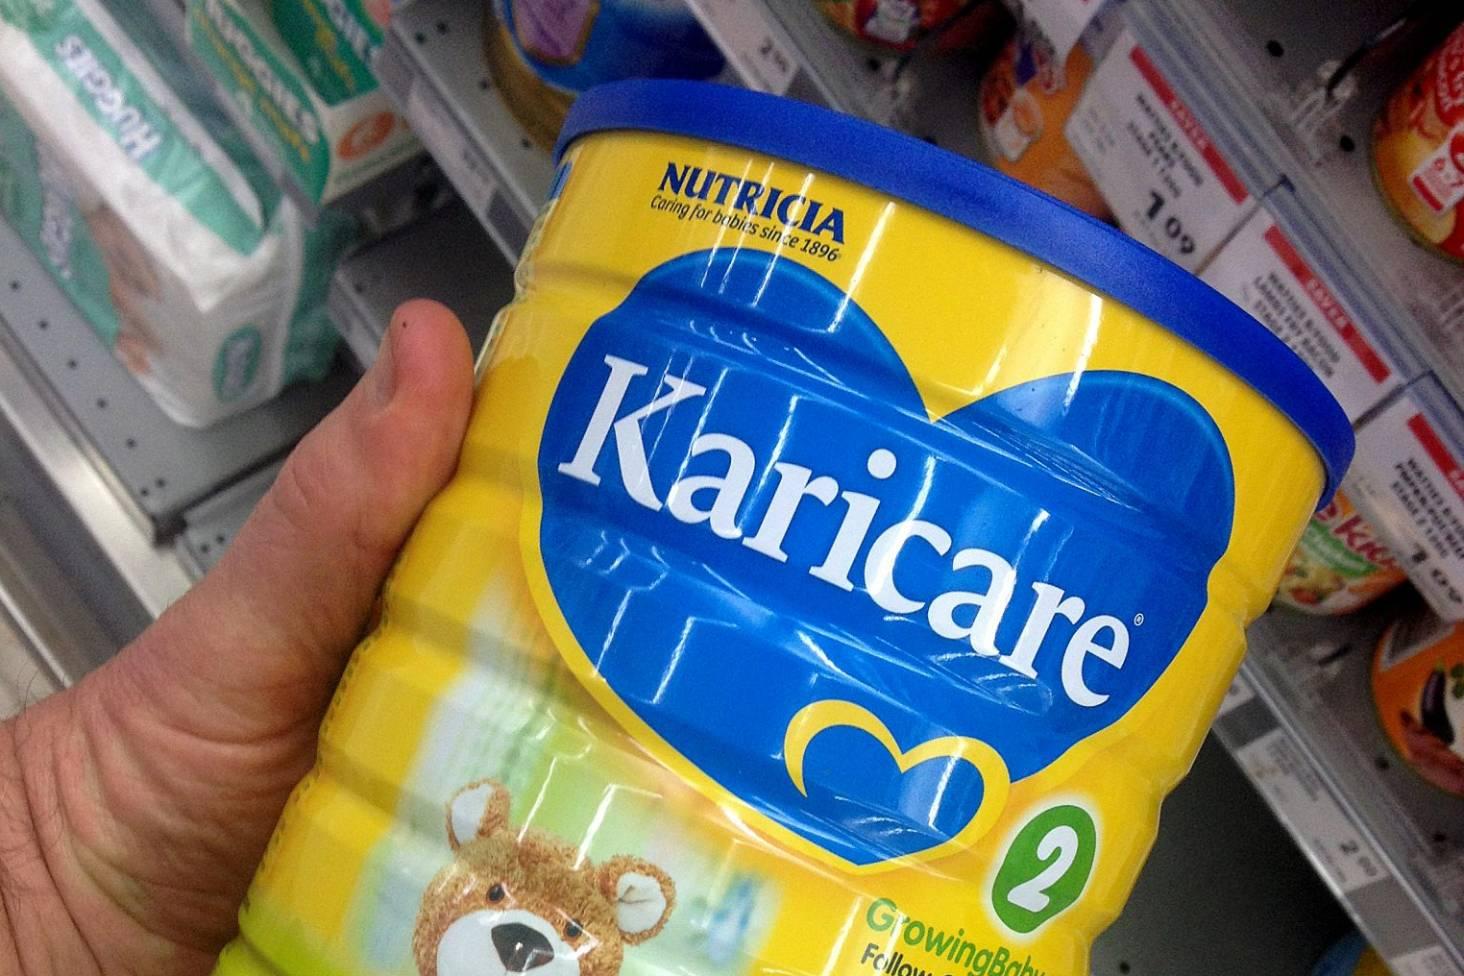 Nutricia Karicare Price